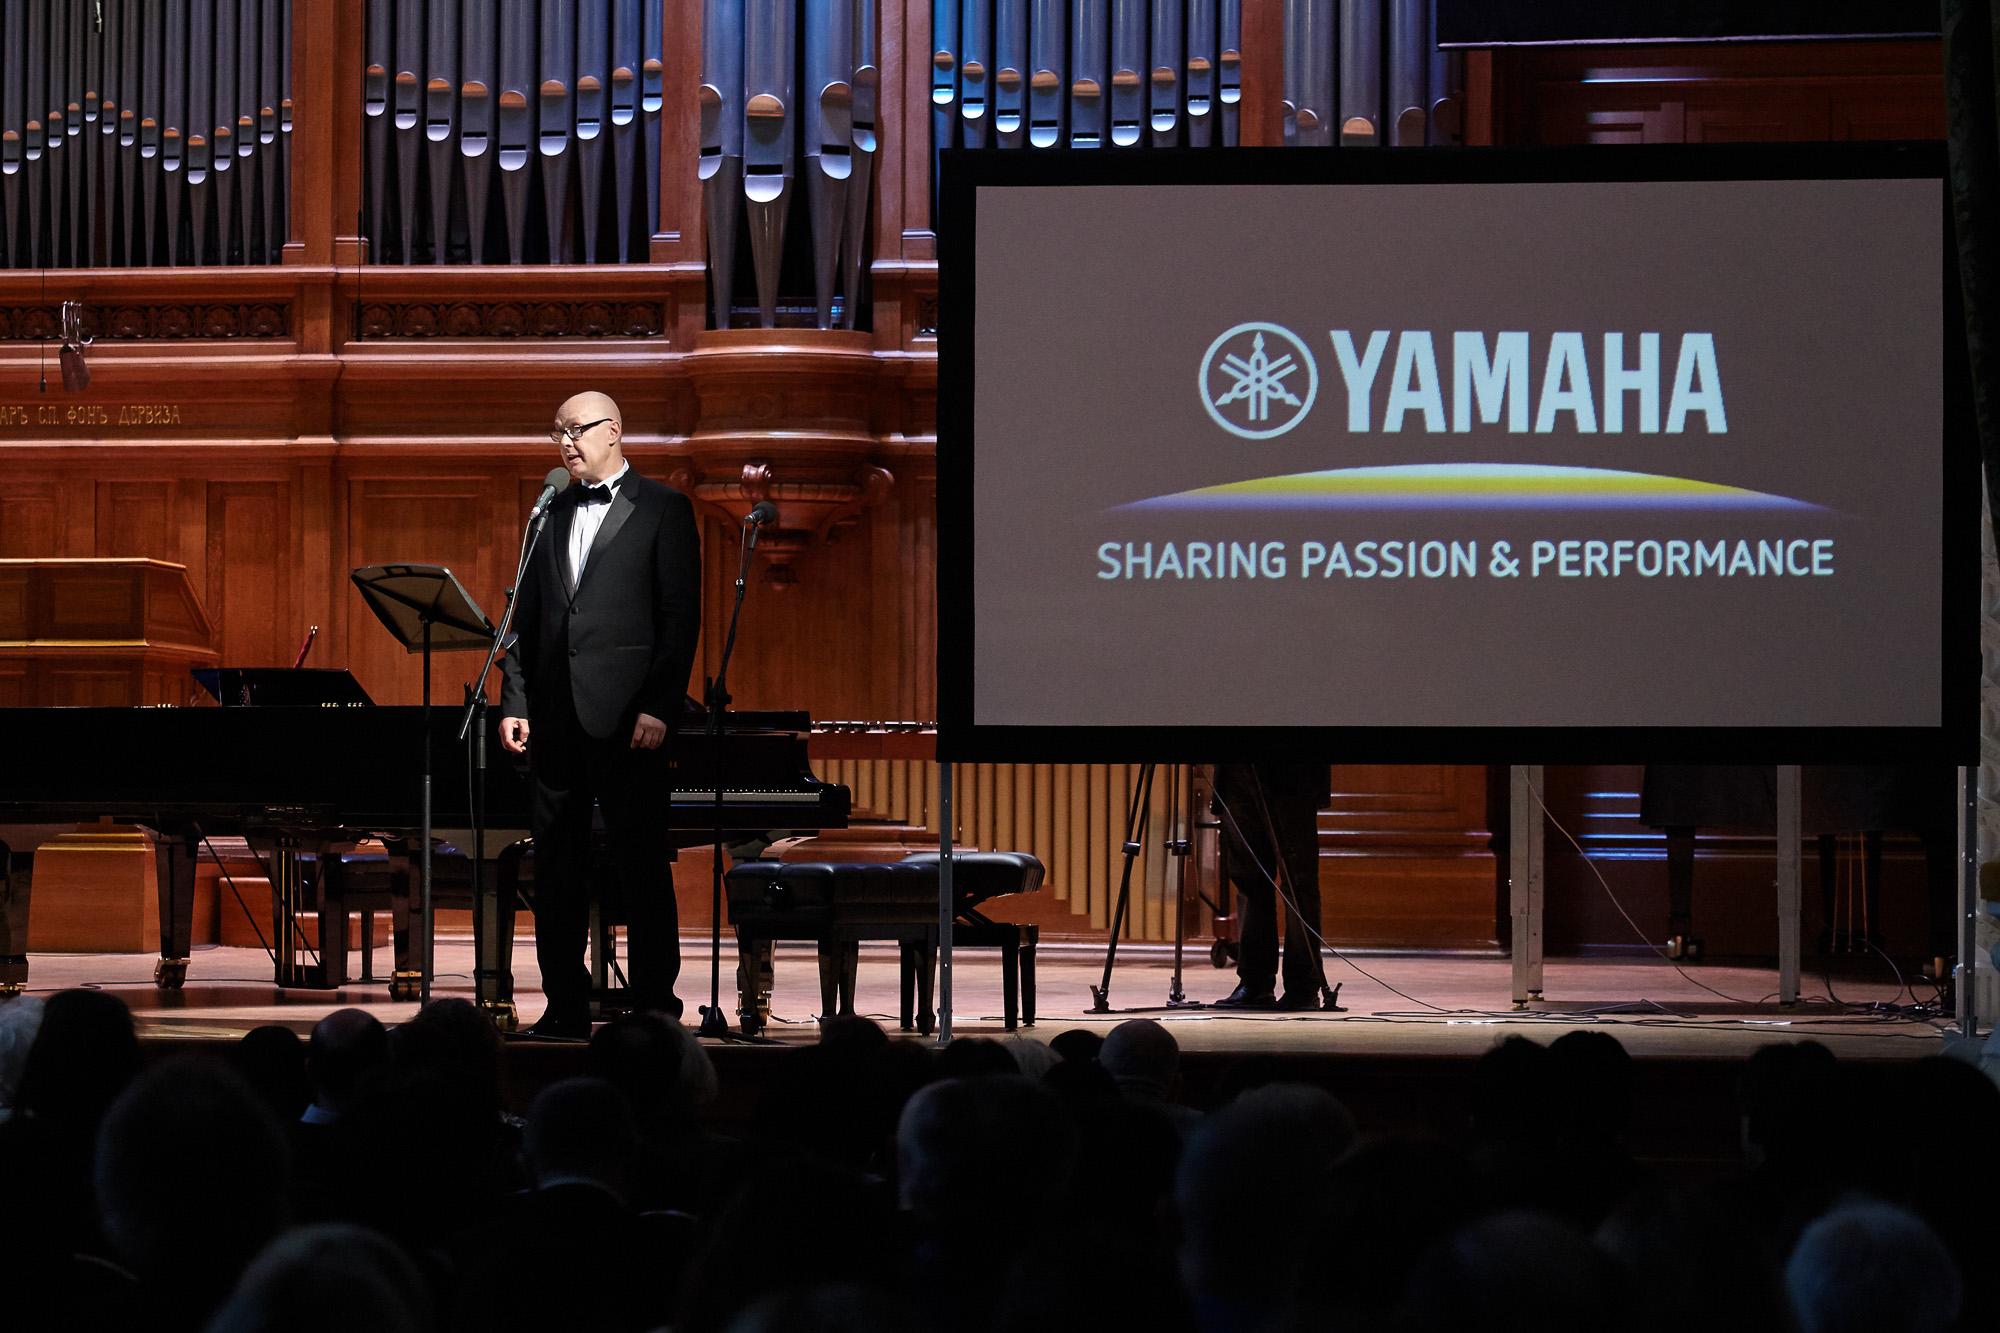 2017-05-29 Yamaha Gala 071